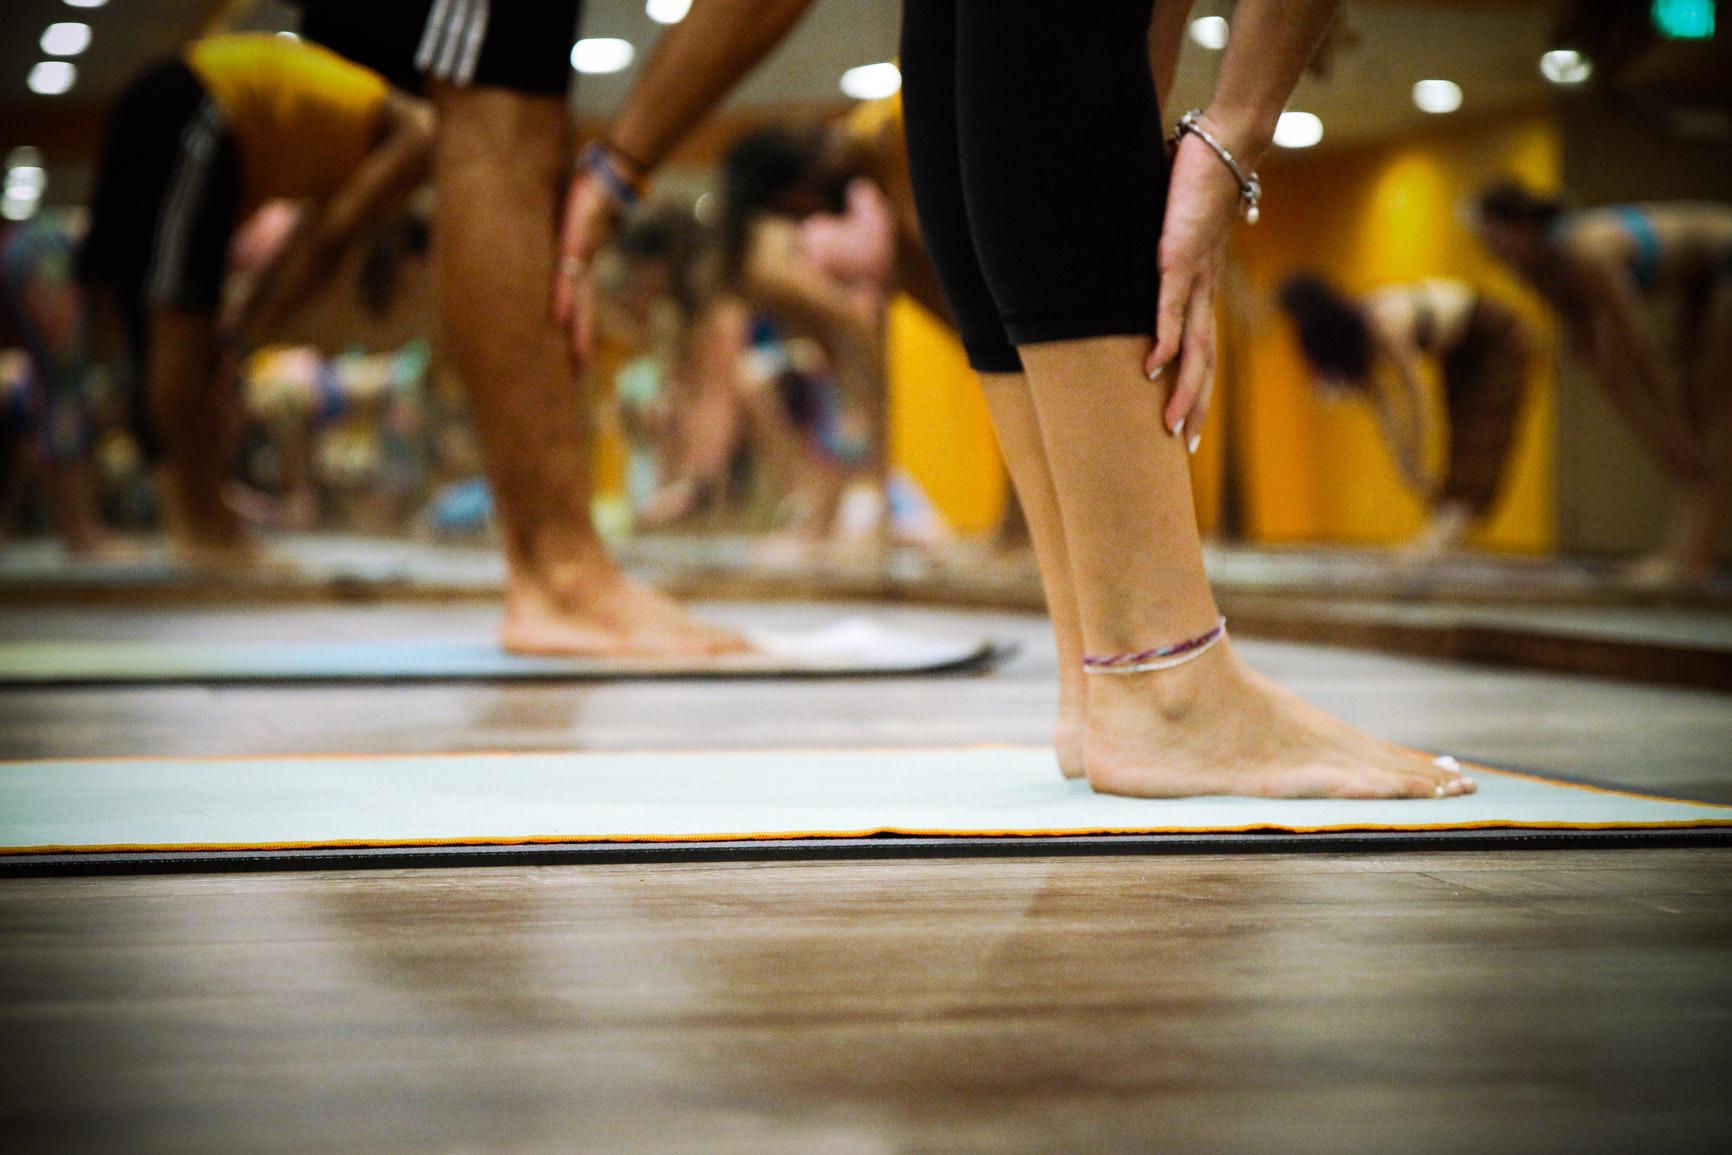 exercise-feet-fitness-892682-edit.jpg